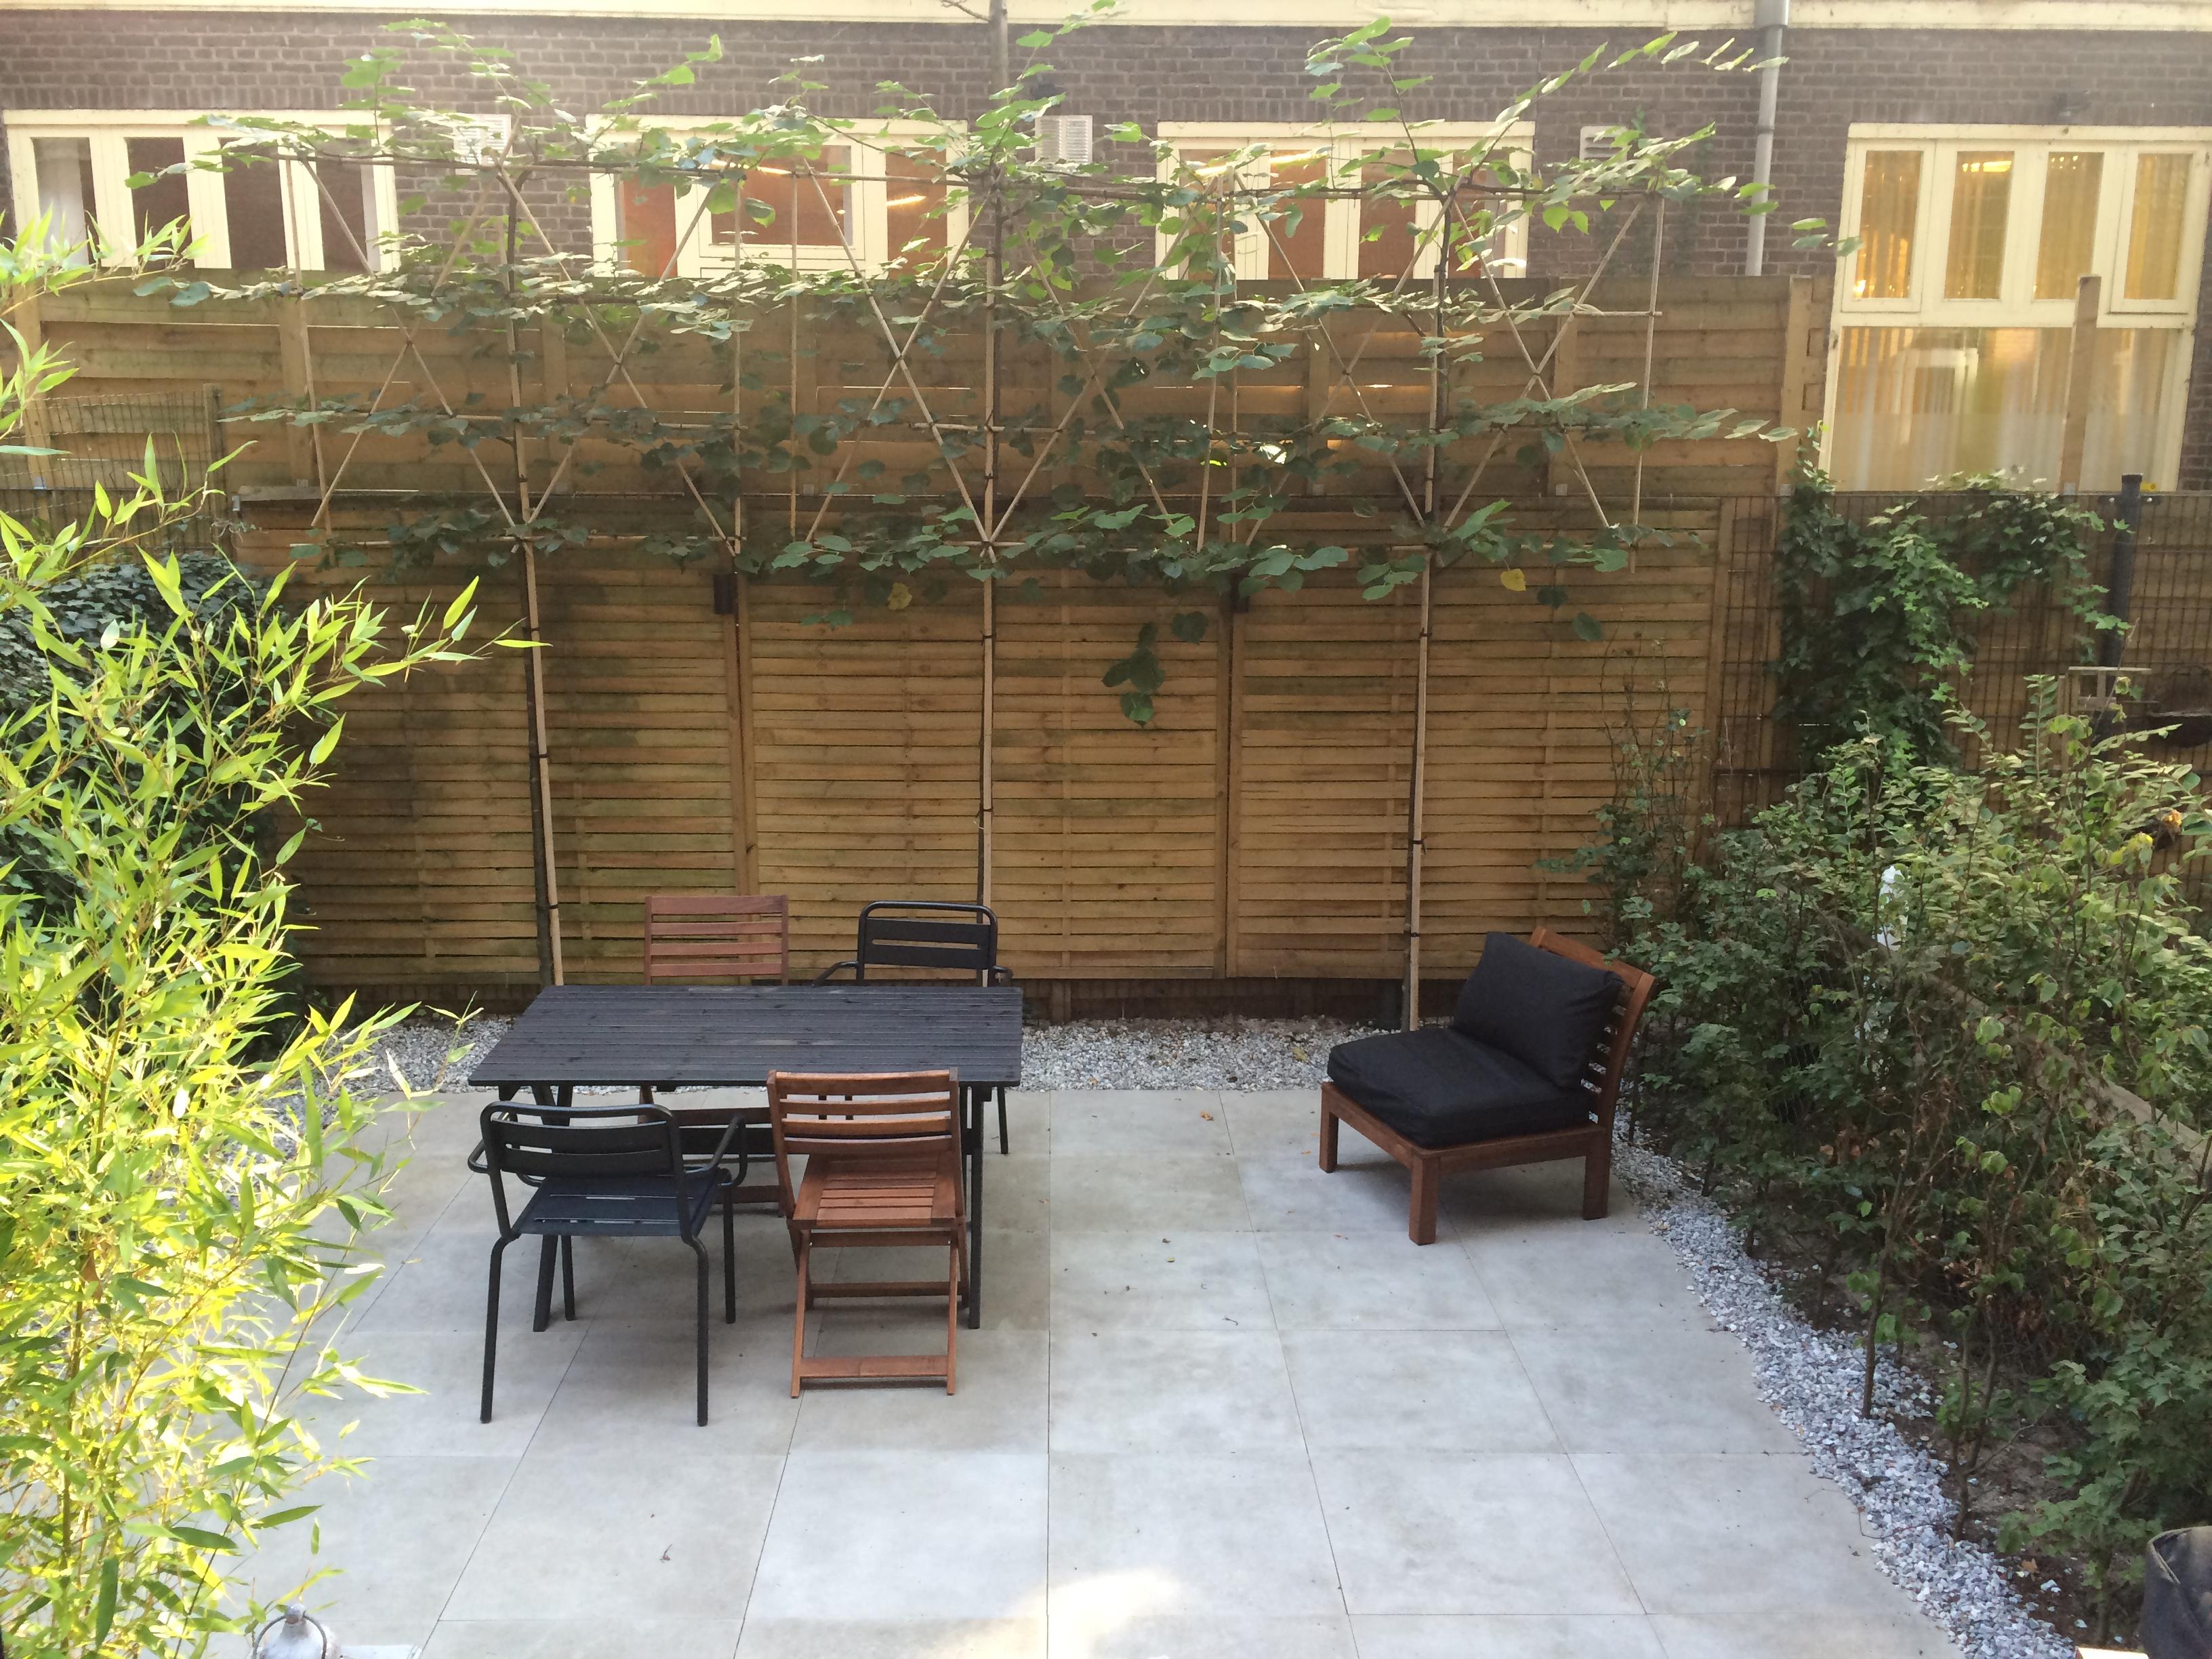 Ontwerp patio garden - Luifel ontwerp voor patio ...